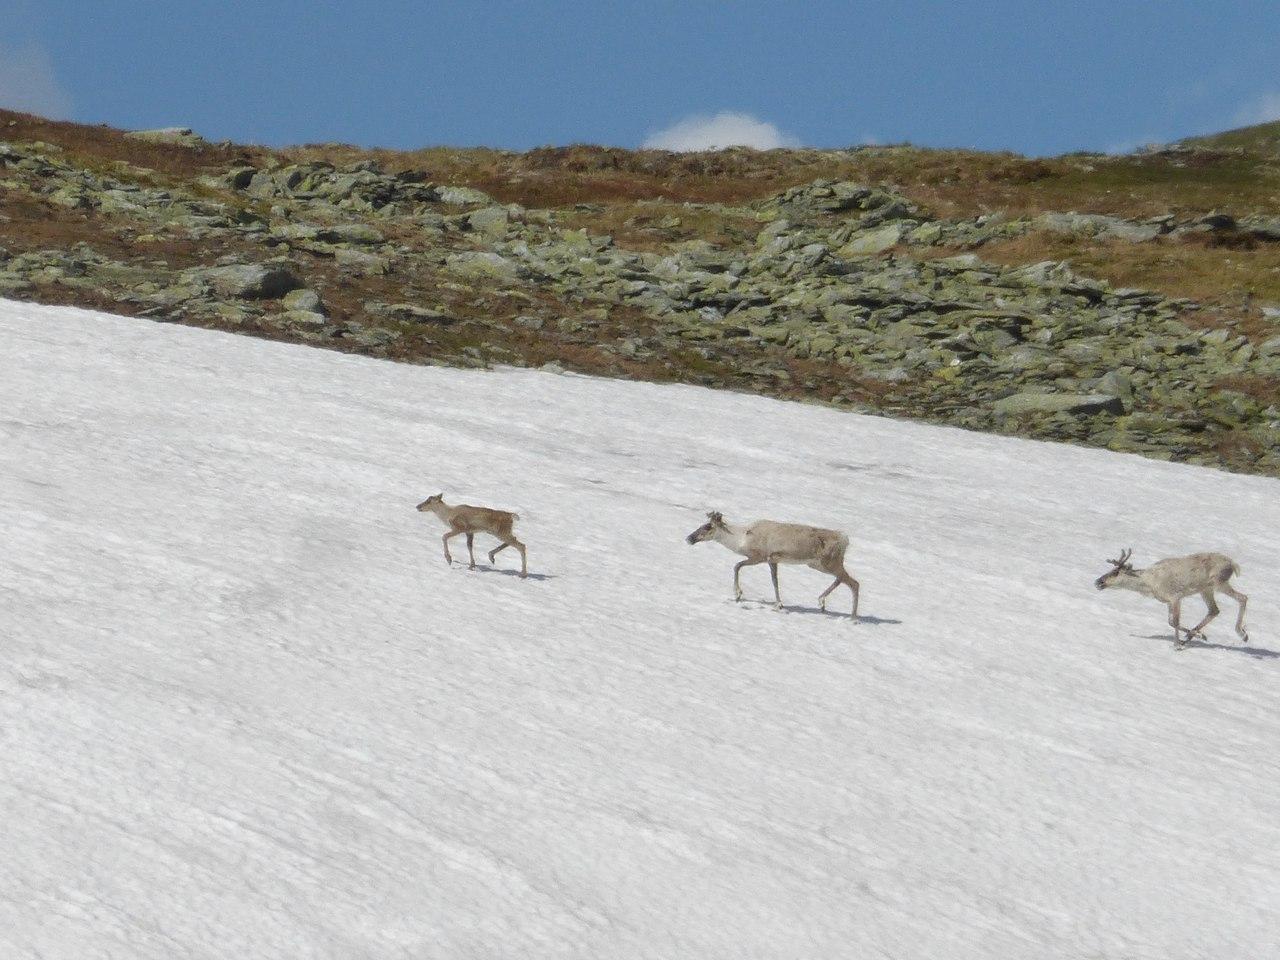 Навстречу путникам вышли олени